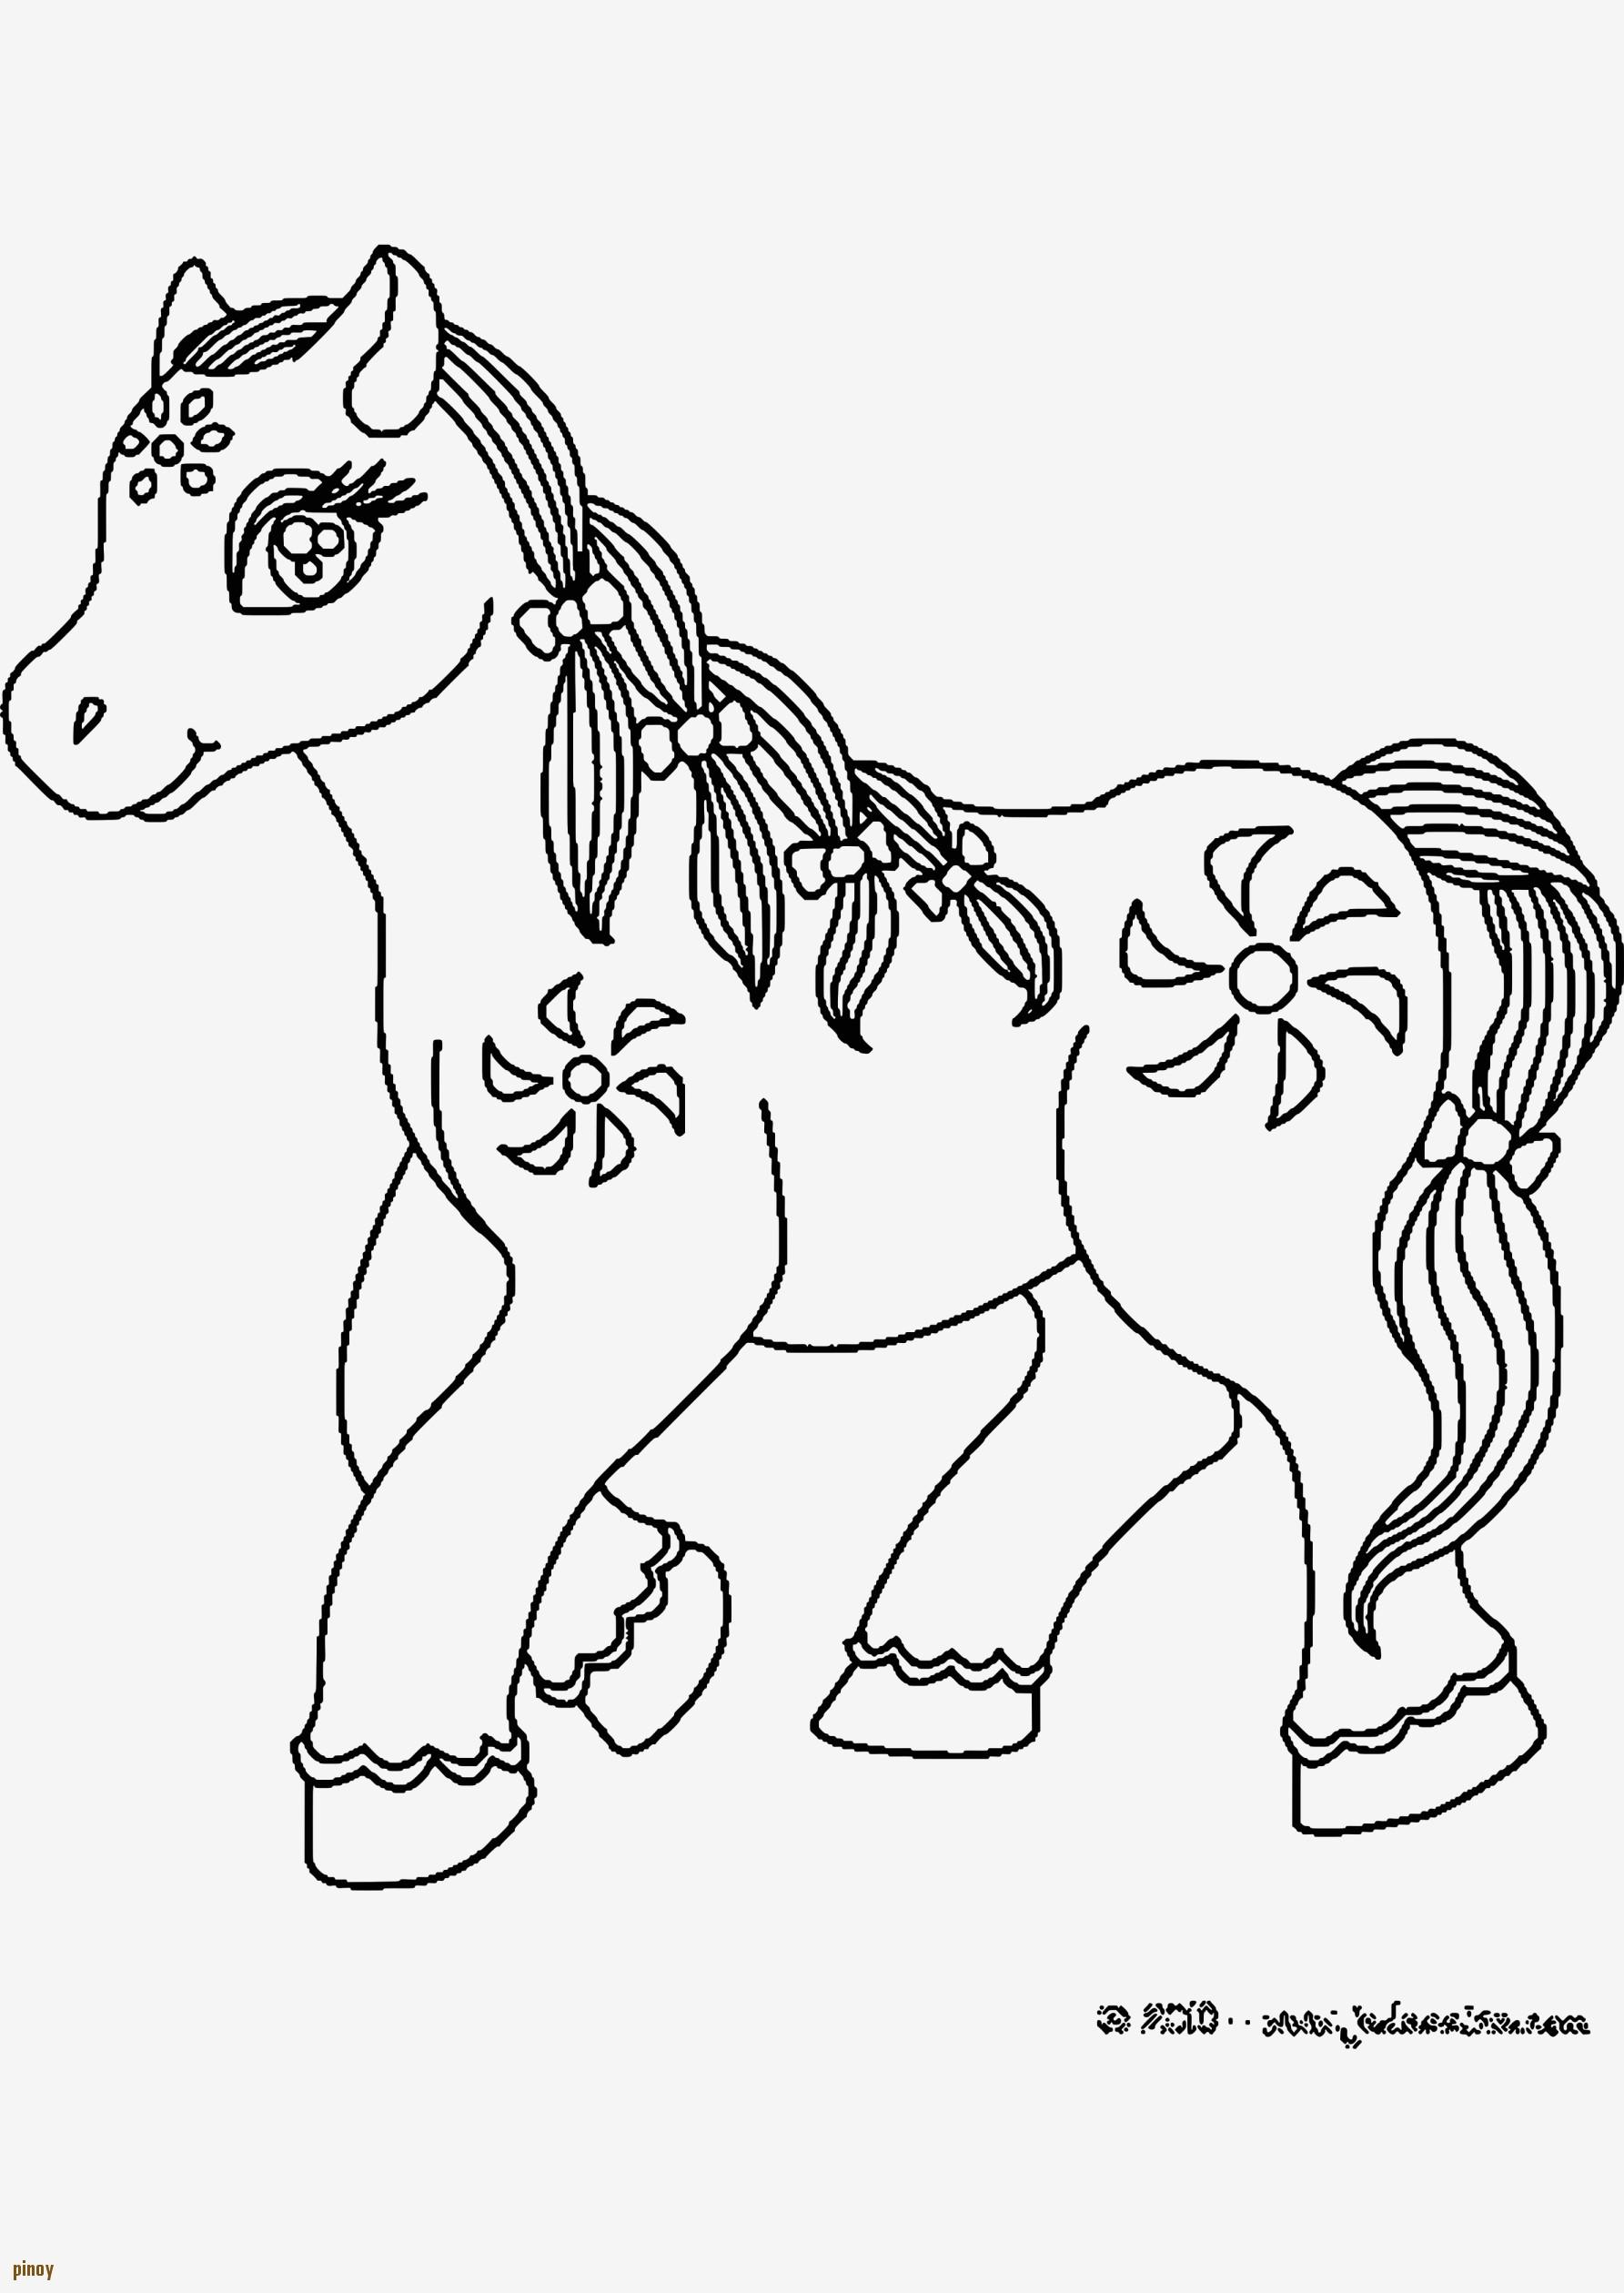 Pferde Ausmalbilder Mit Reiter Einzigartig Verschiedene Bilder Färben Ausmalbilder Pferde Das Bild